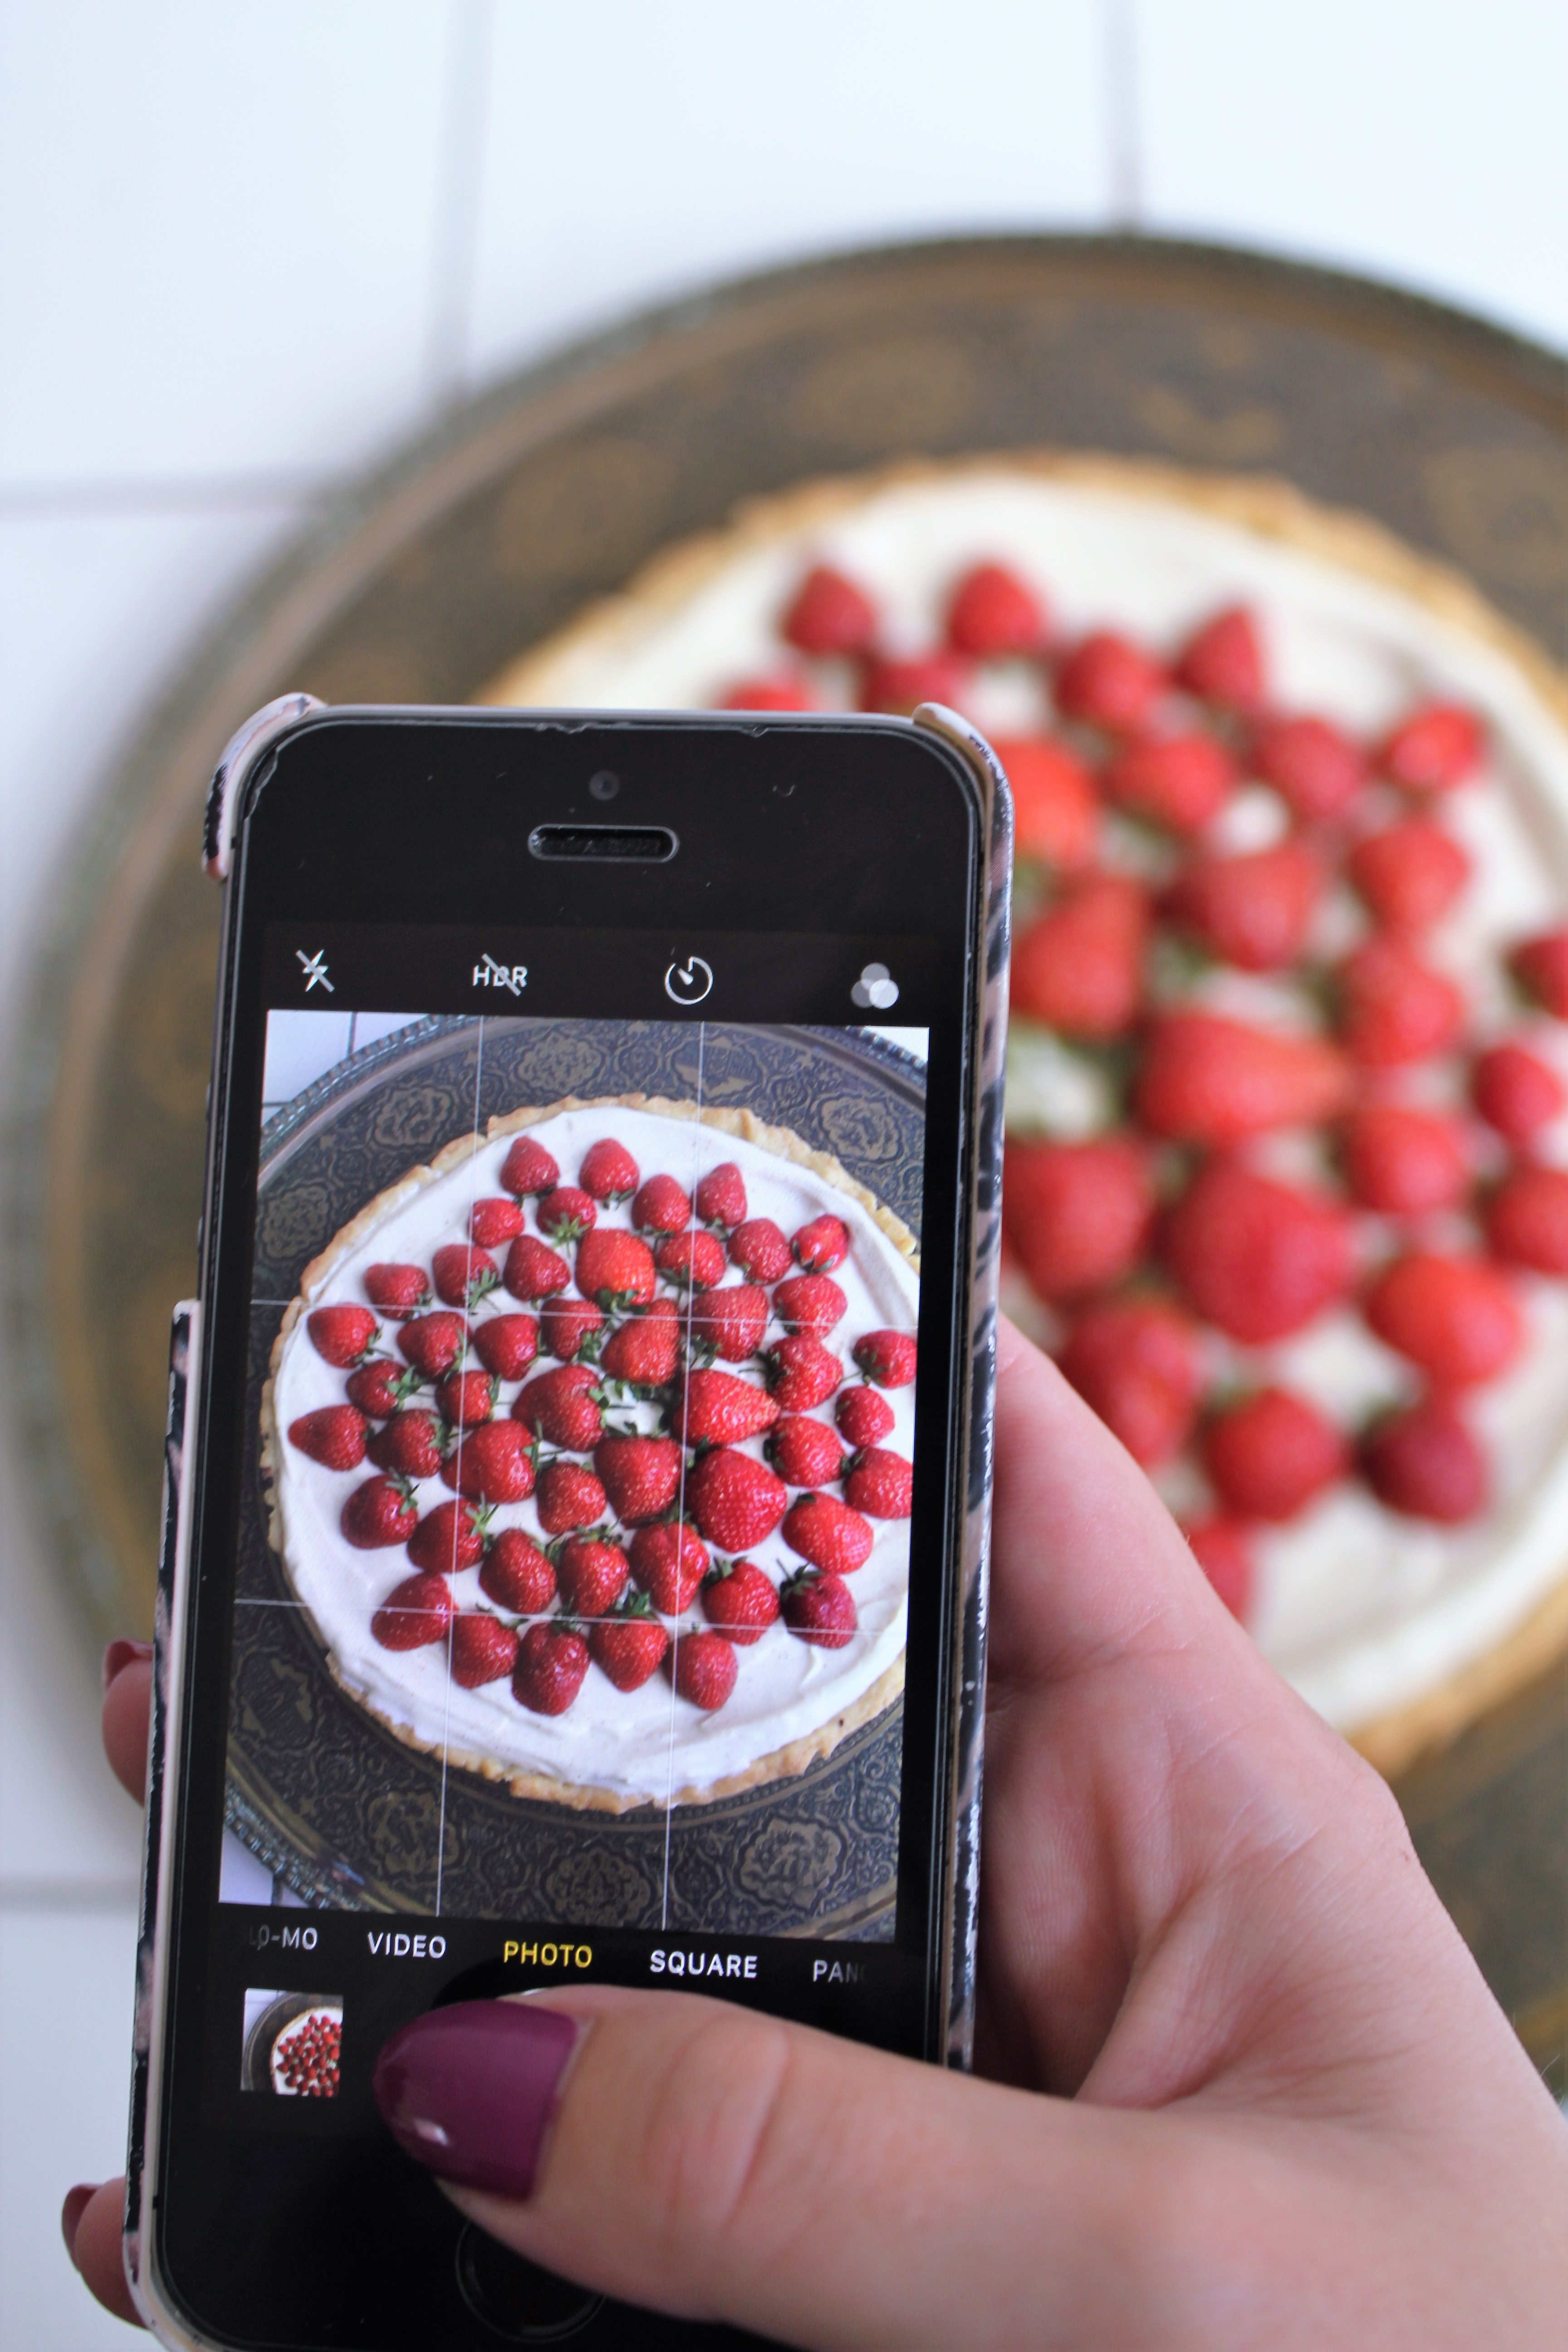 Jordbærkage med danske jordbær